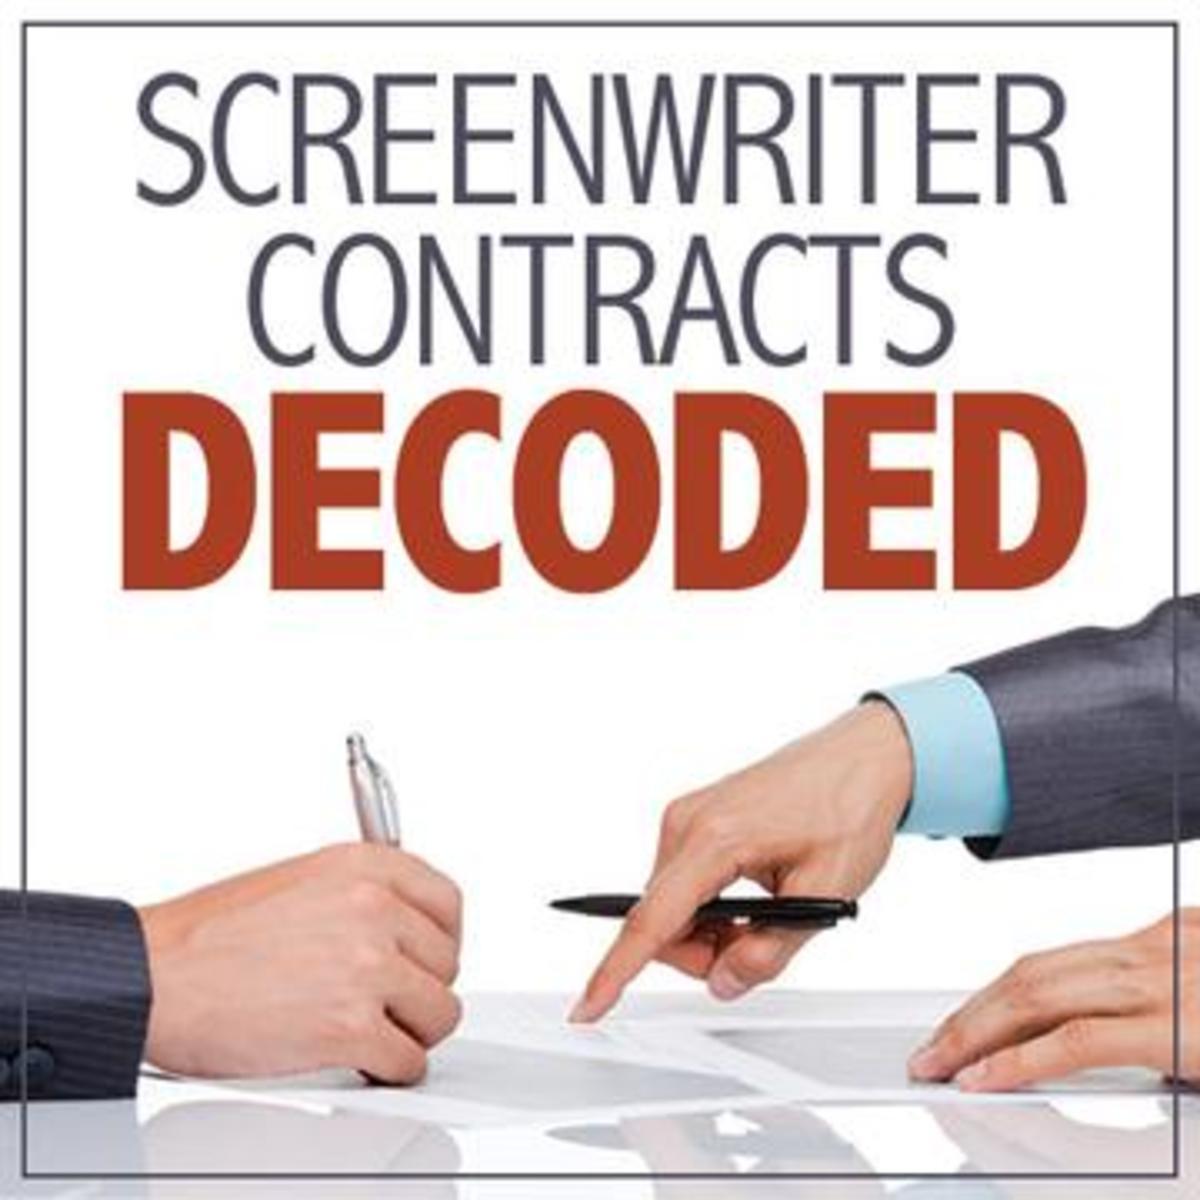 ws_contractsdecoded-500_360x